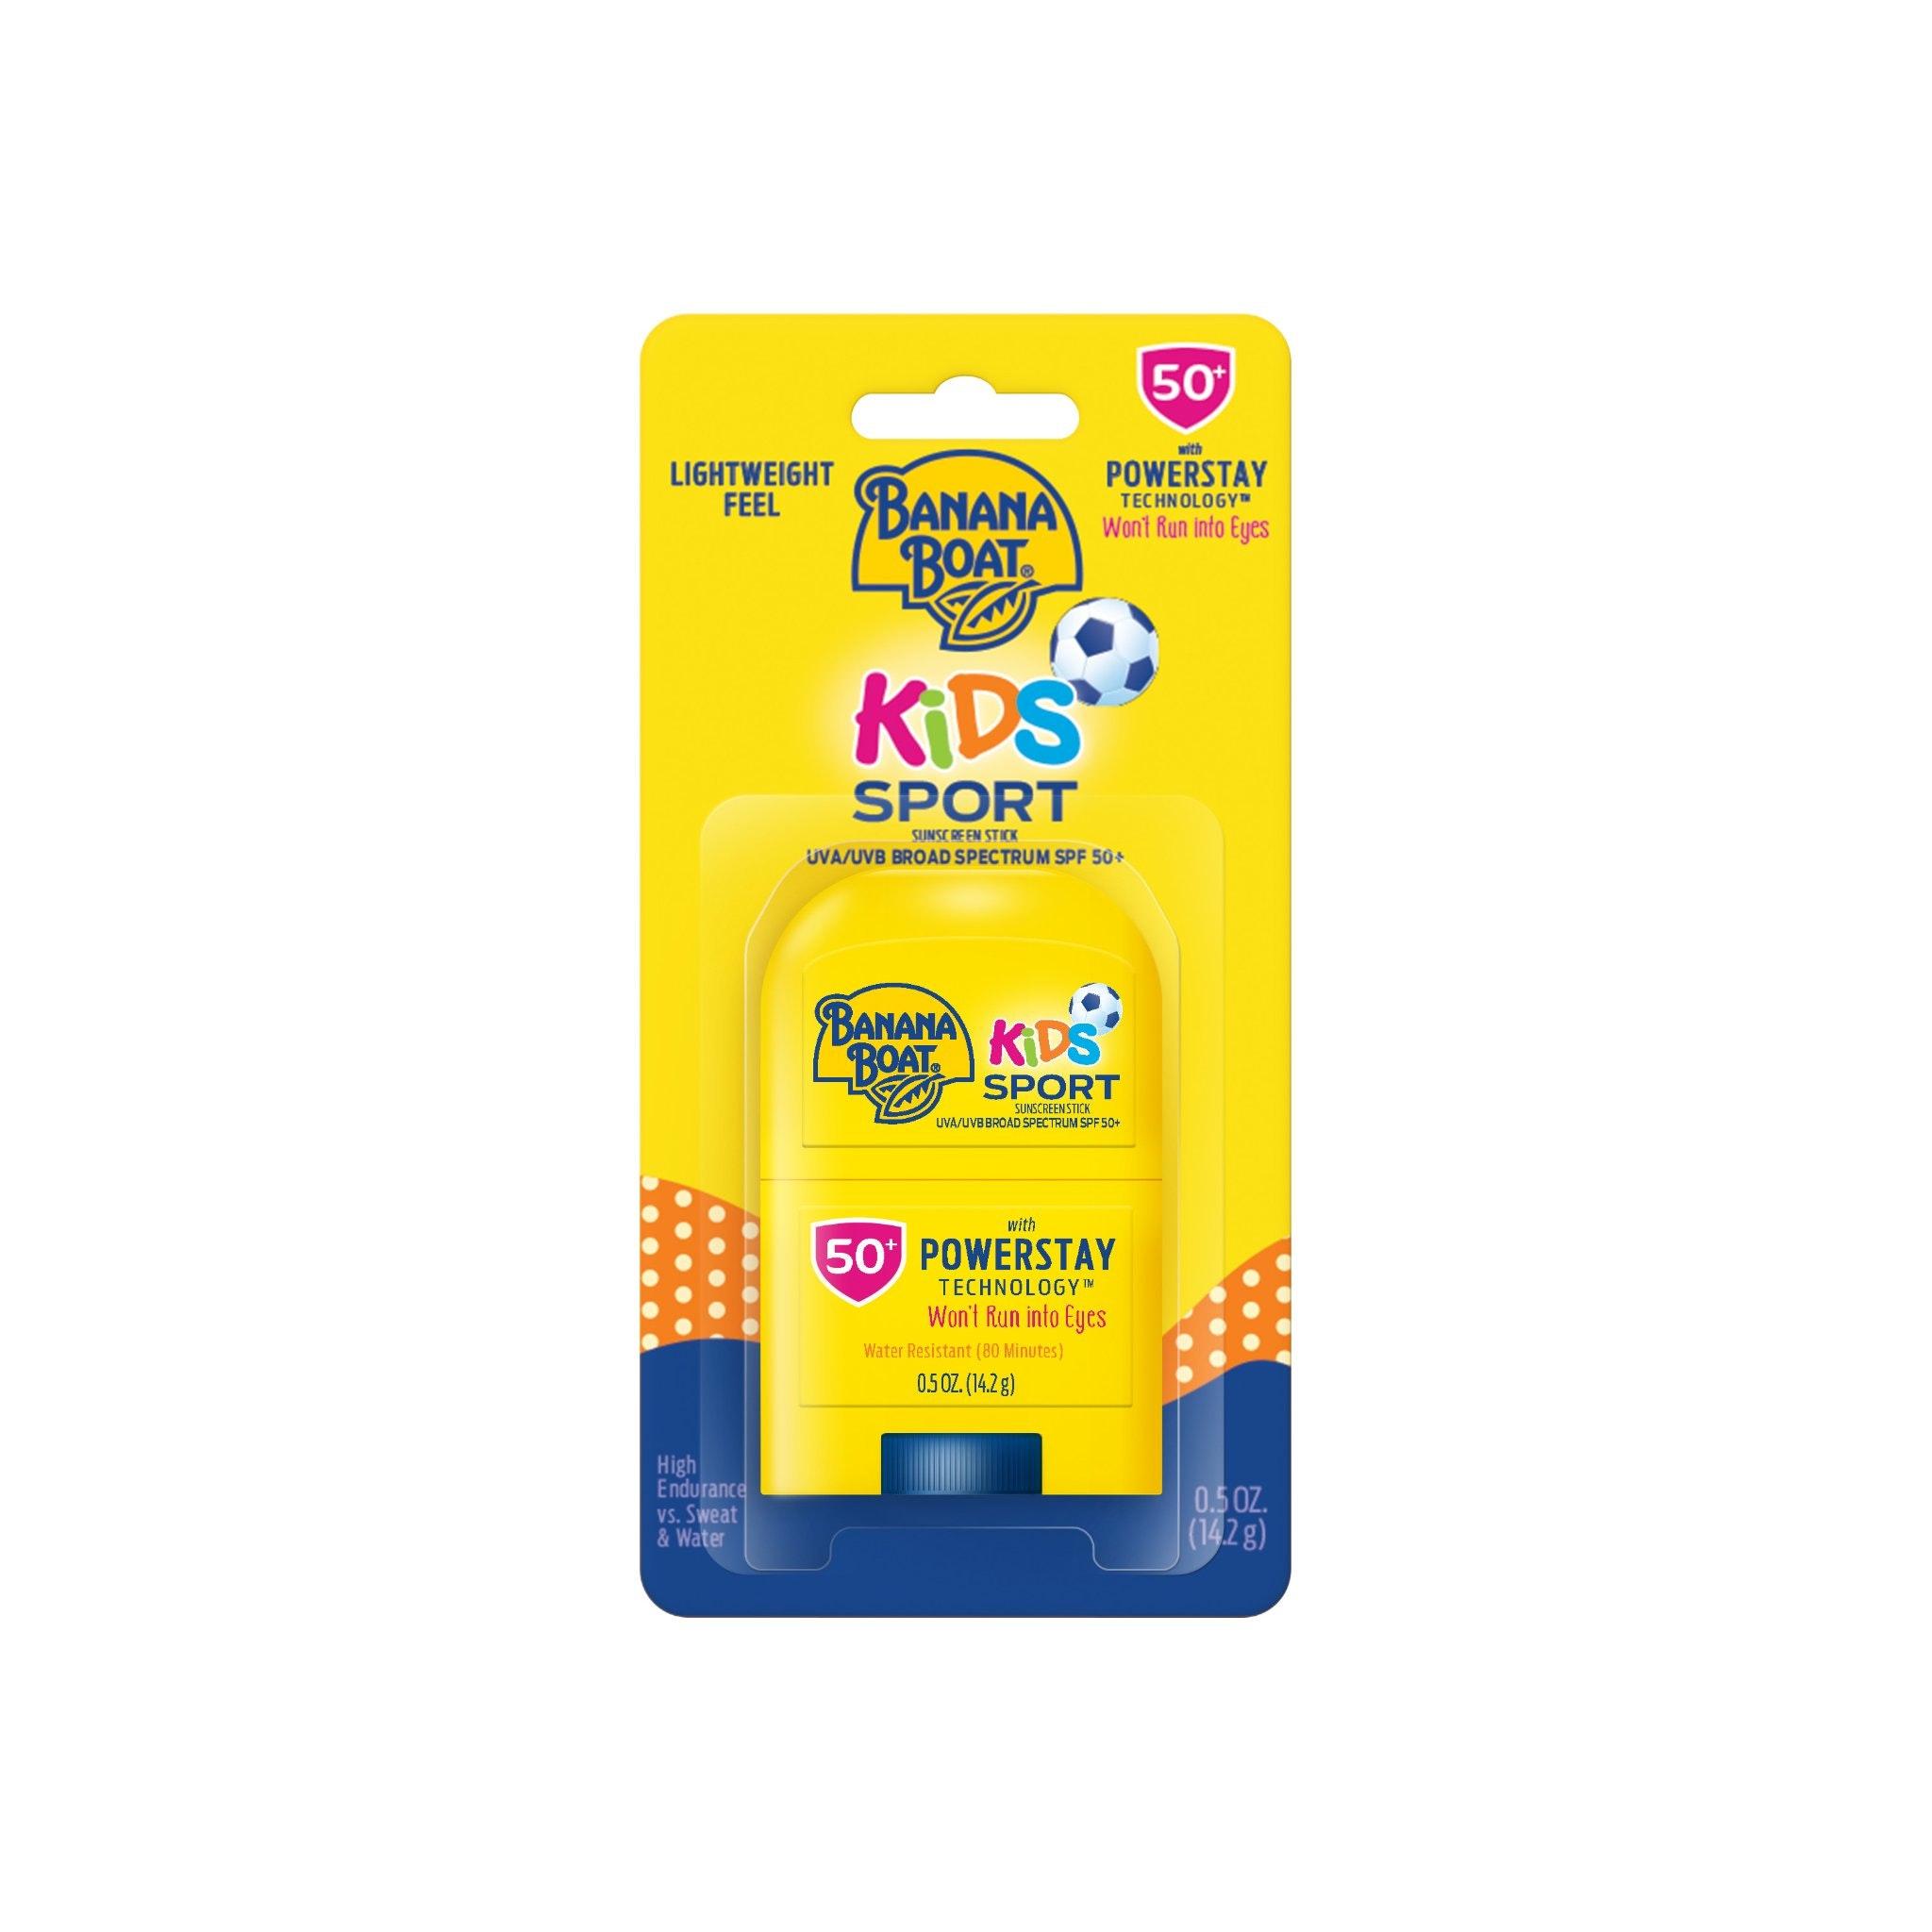 Banana Boat Kids Sport Sunscreen Stick